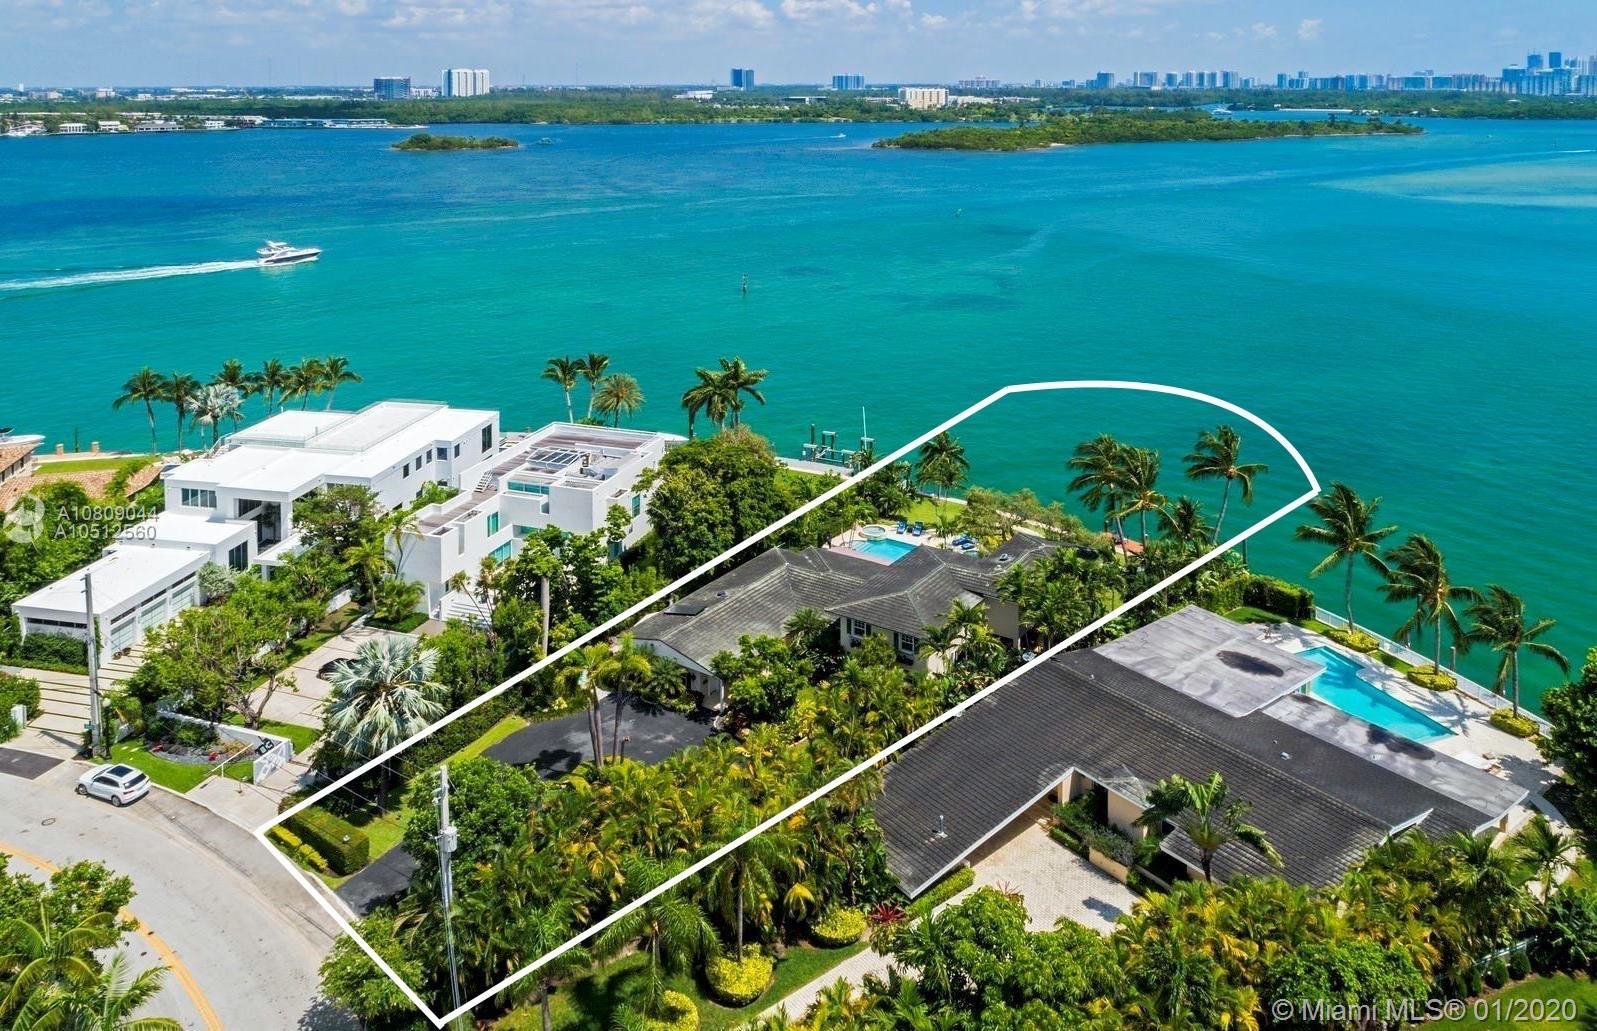 10331 E Broadview Dr, Bay Harbor Islands, FL 33154 - Bay Harbor Islands, FL real estate listing